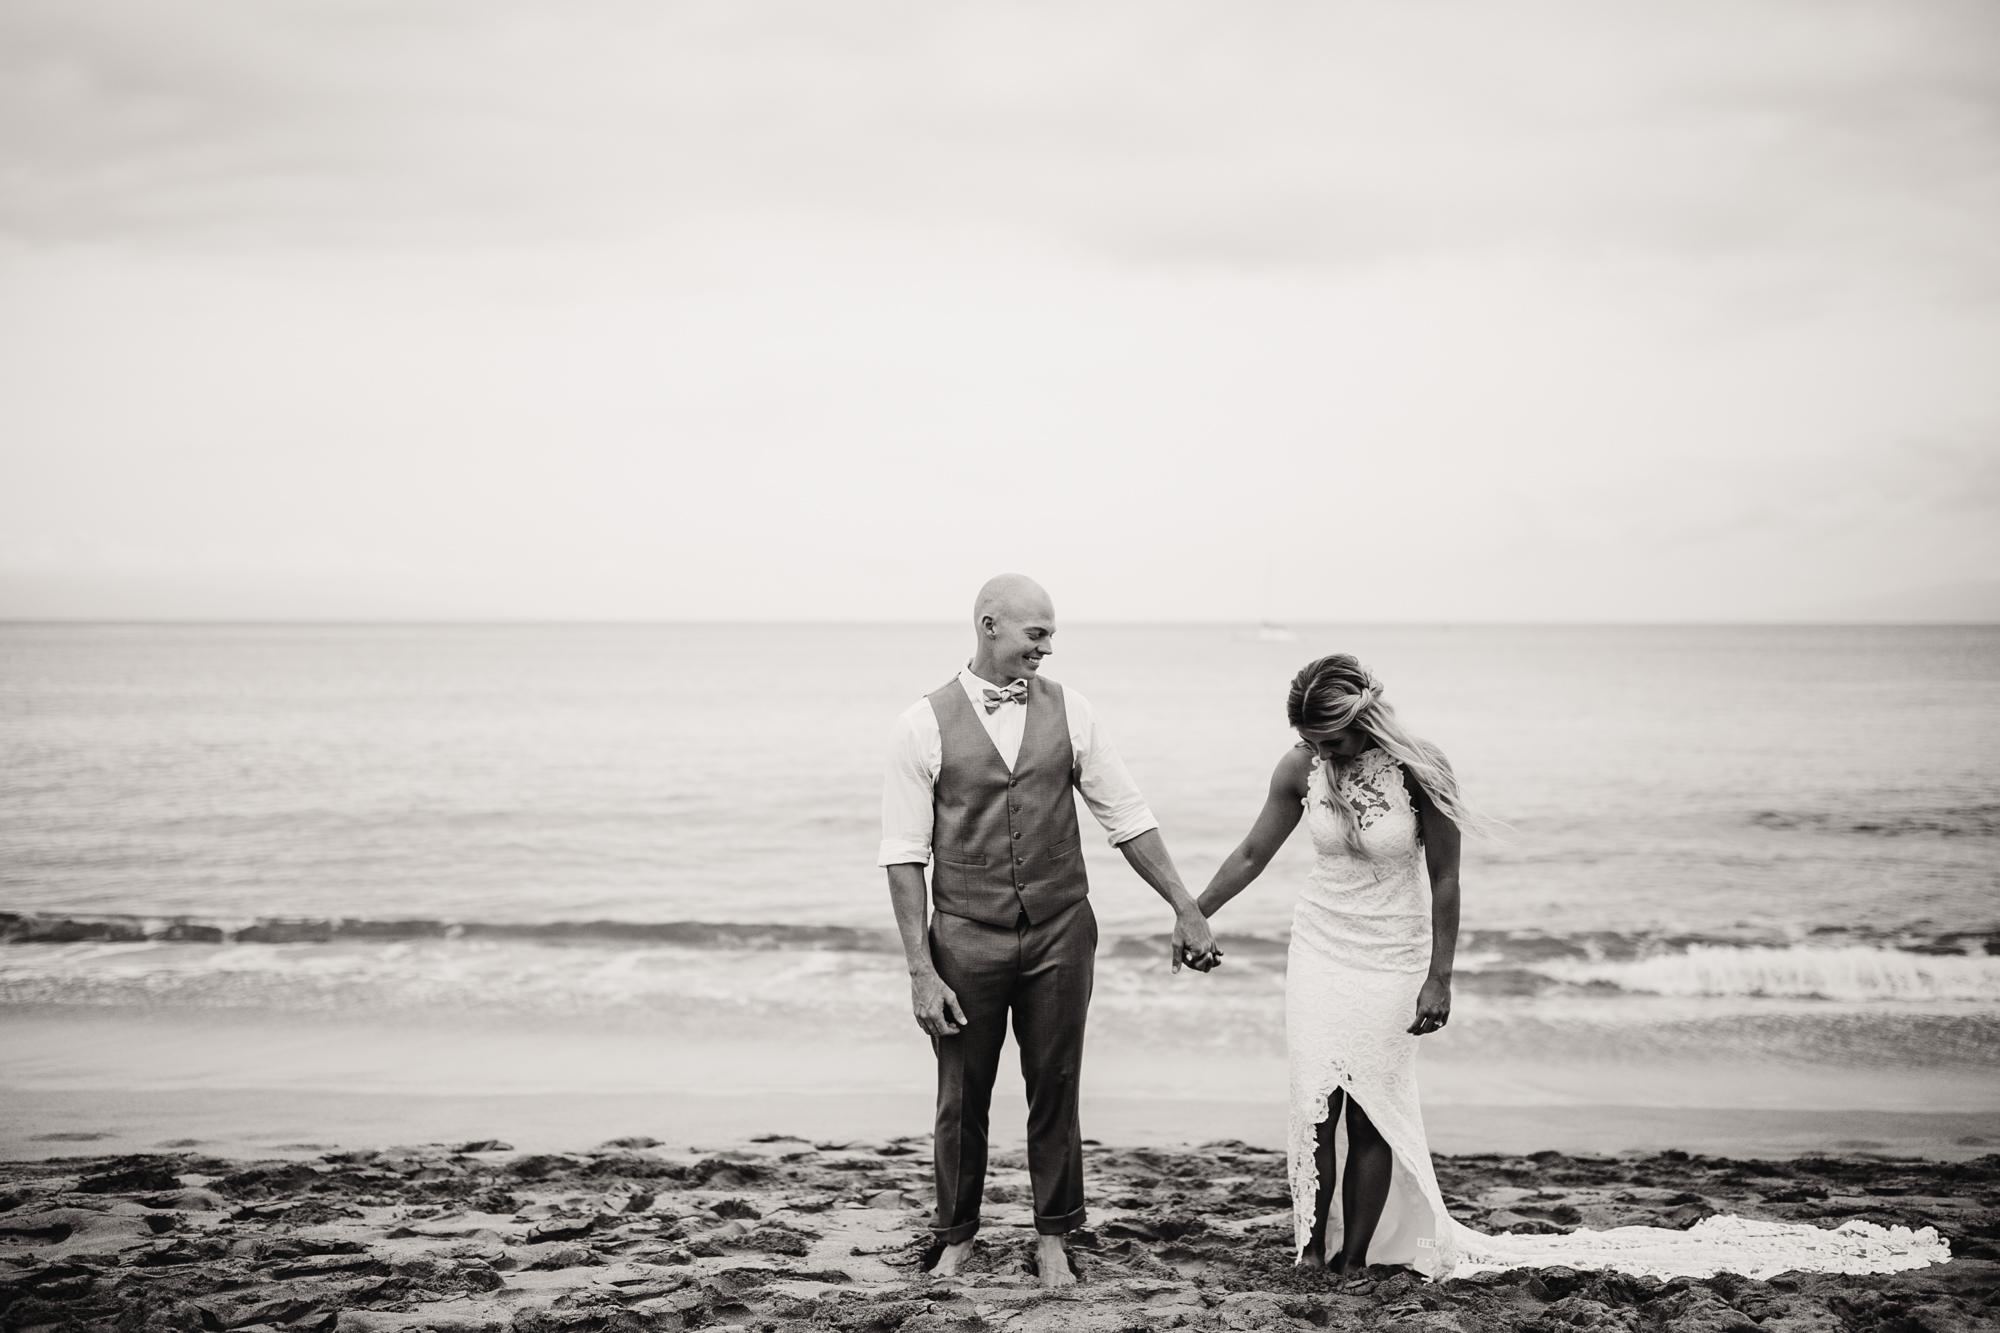 destination-wedding-photographer-hawaii-maui-elopement-51.jpg